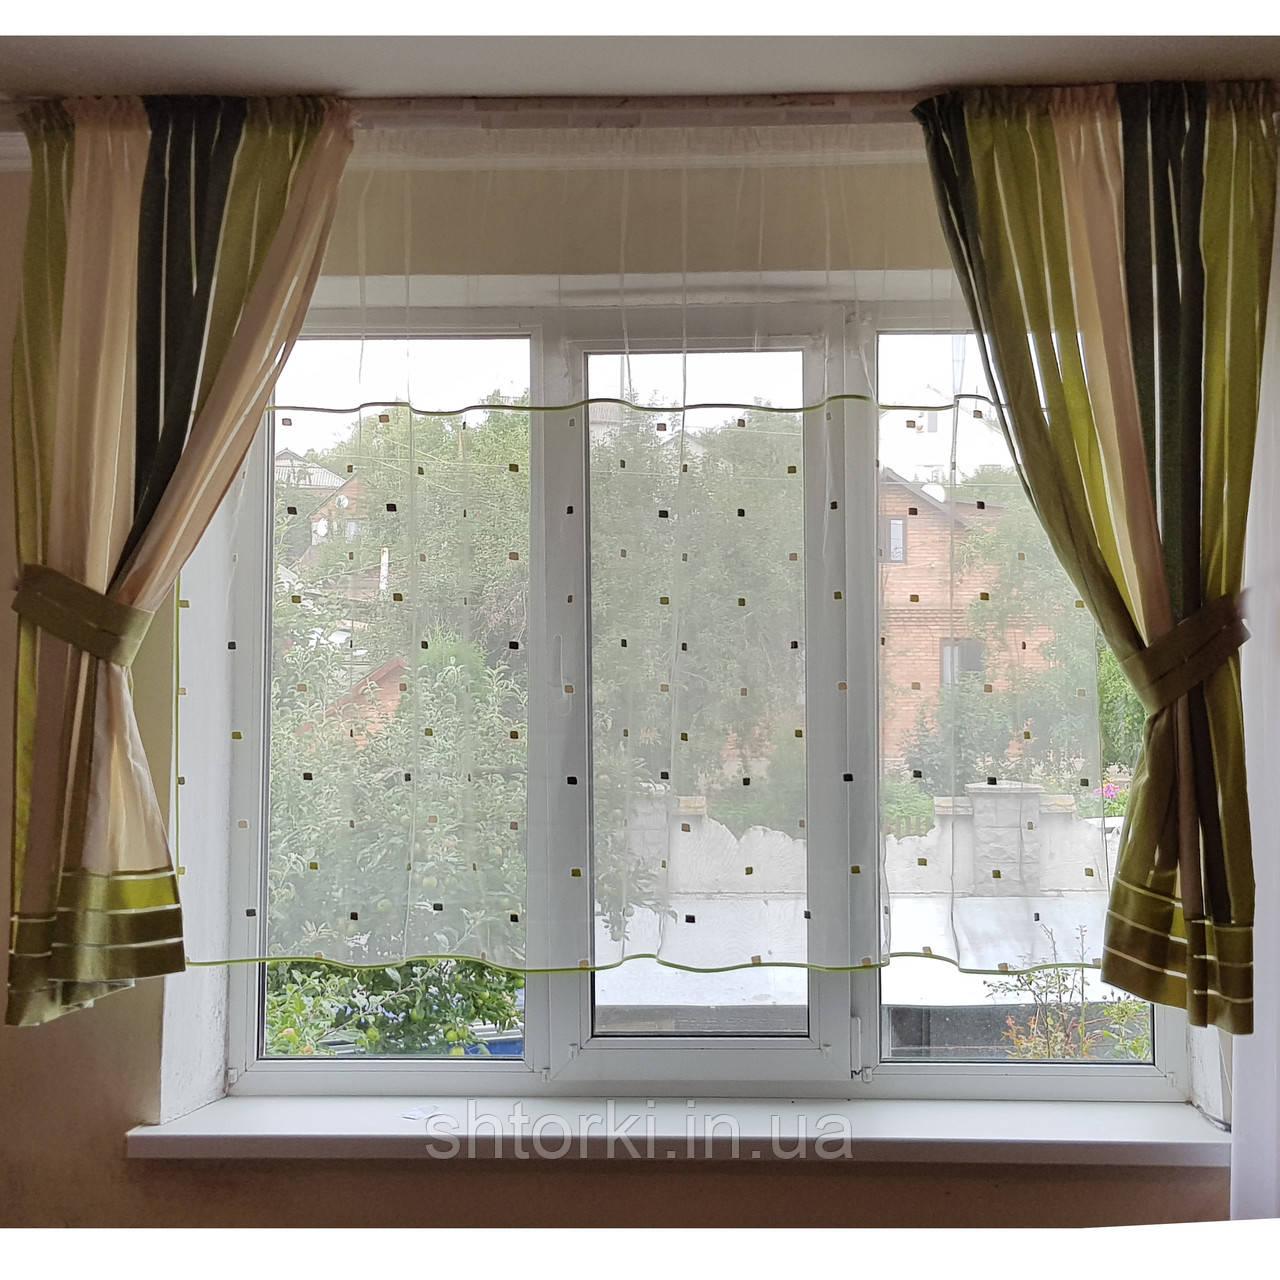 Комплект  штор и тюль  Салатовая полоска